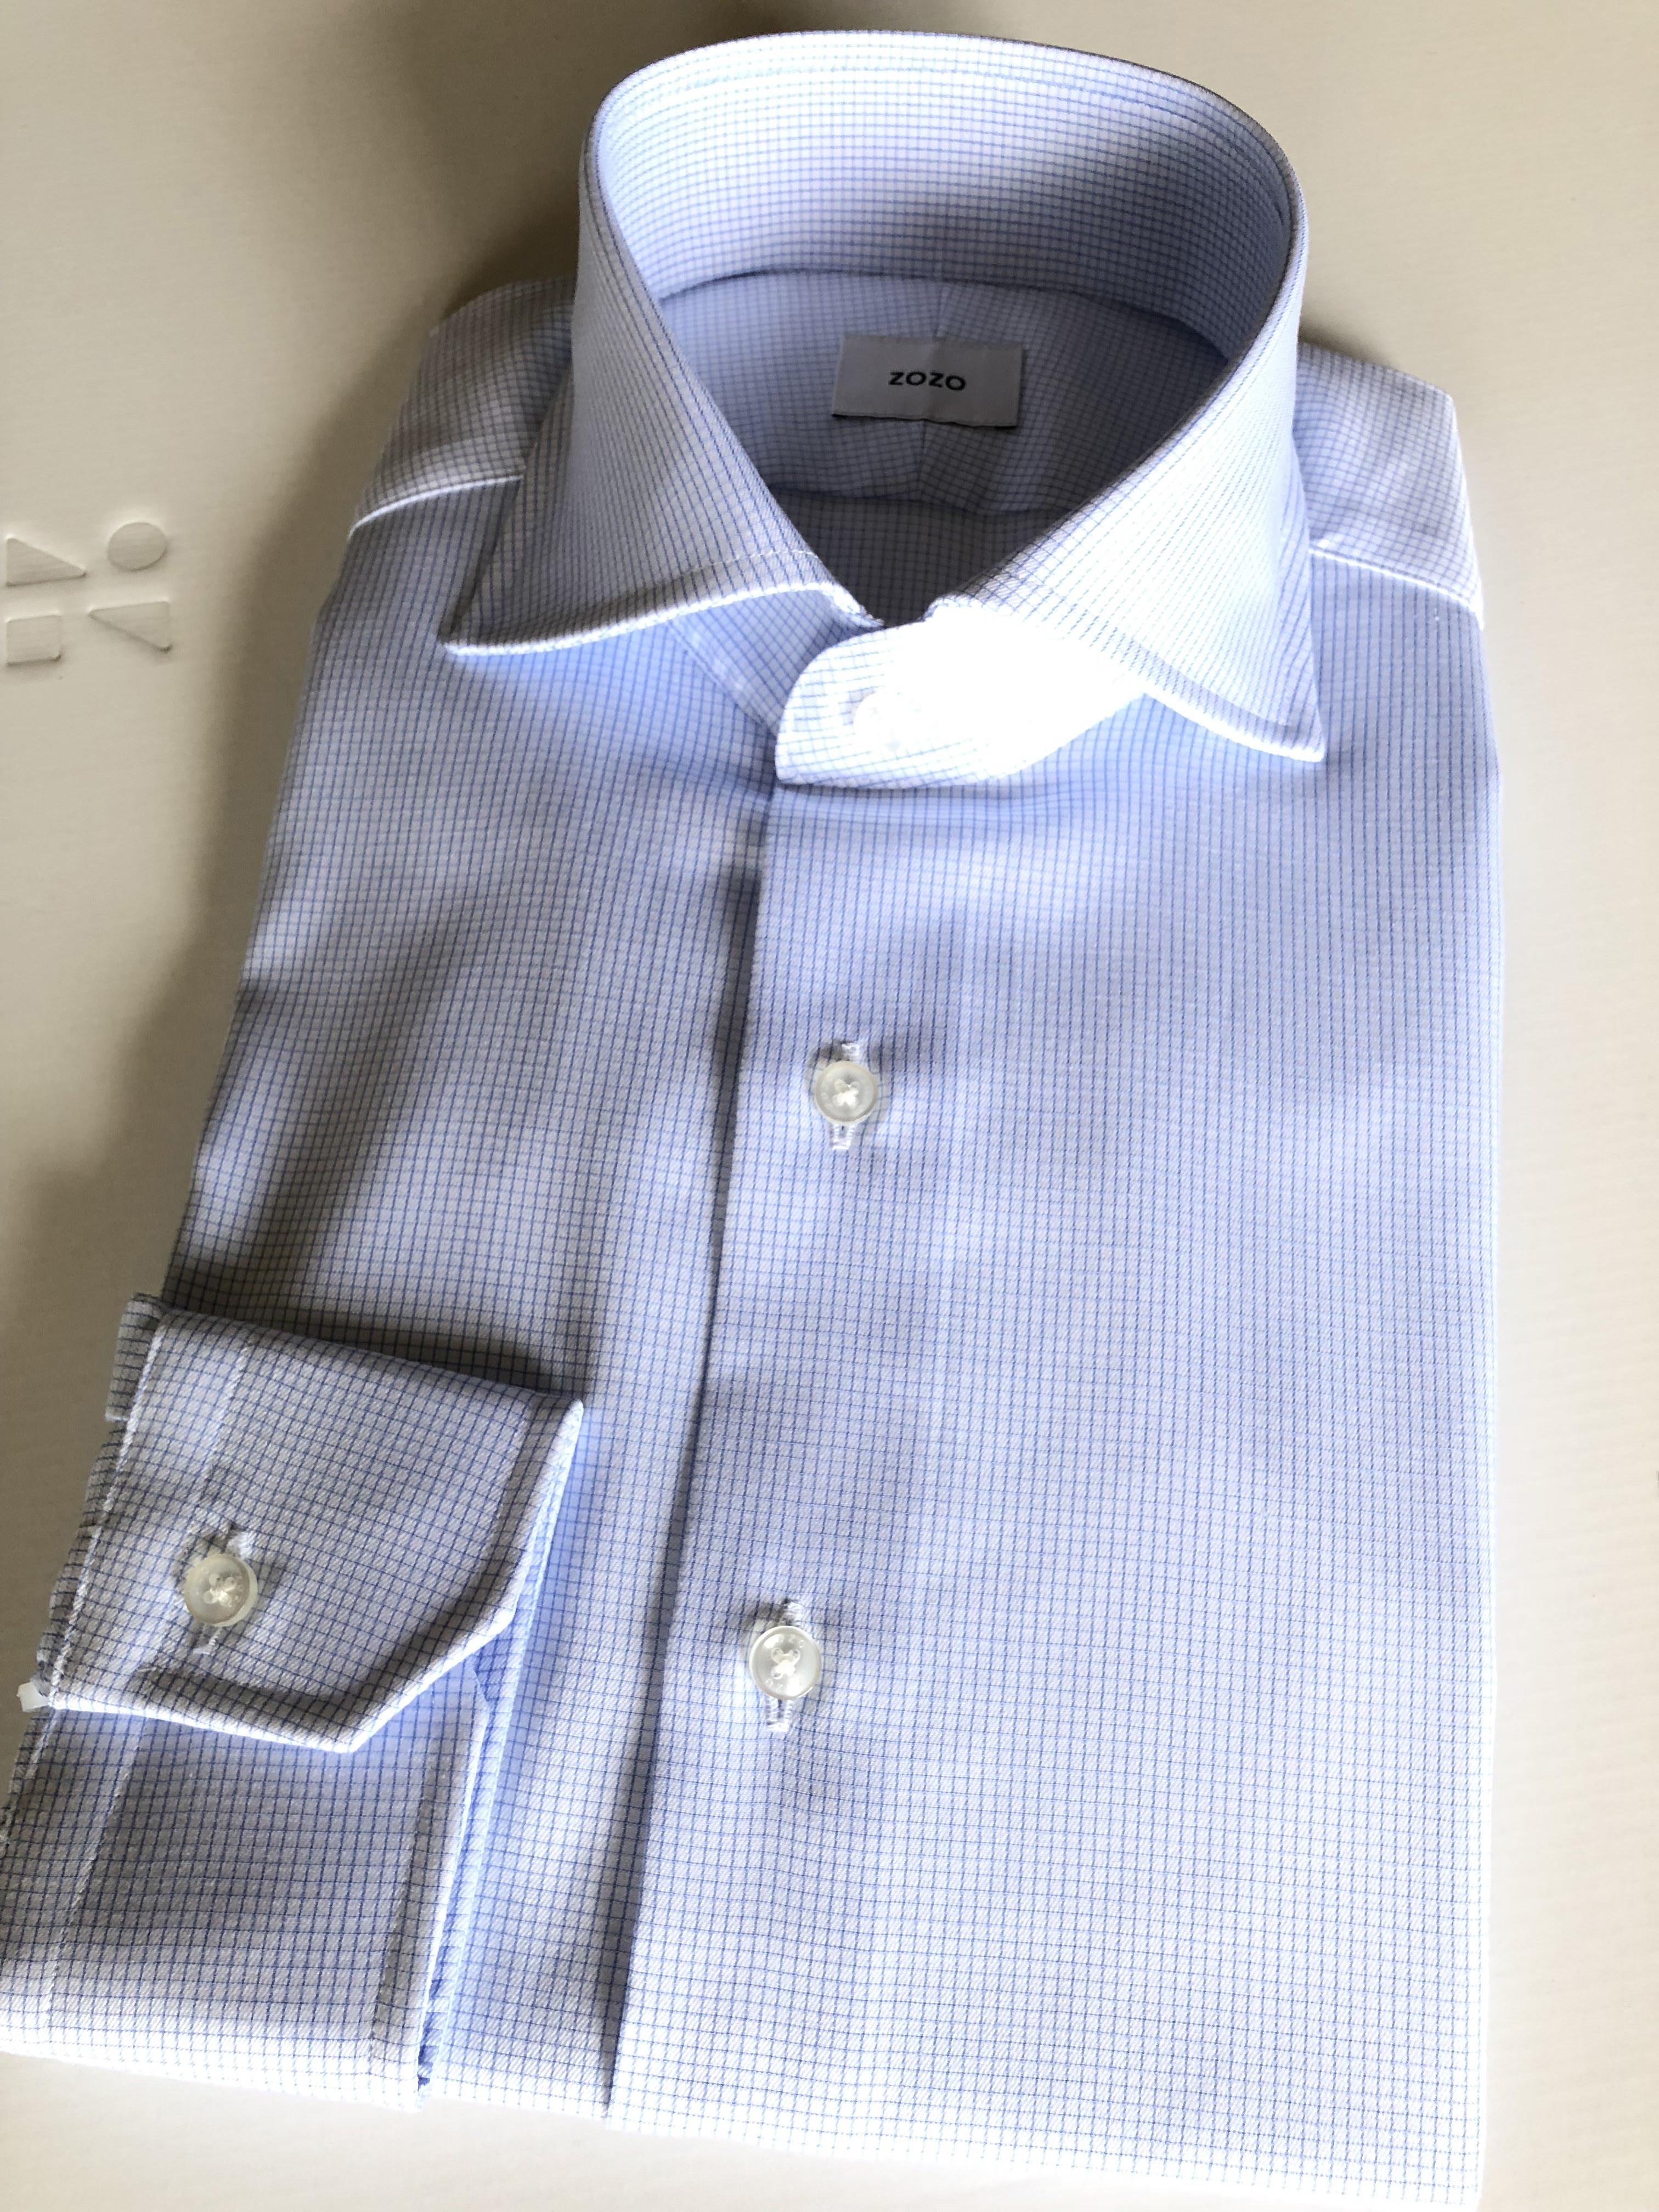 ZOZOのドレスシャツはカタマイズができるため、仕上がり寸法をみて確実にサイズが異なると思われる胸囲−3センチ、肩幅−1センチとしました。これは正解で、いずれも僕